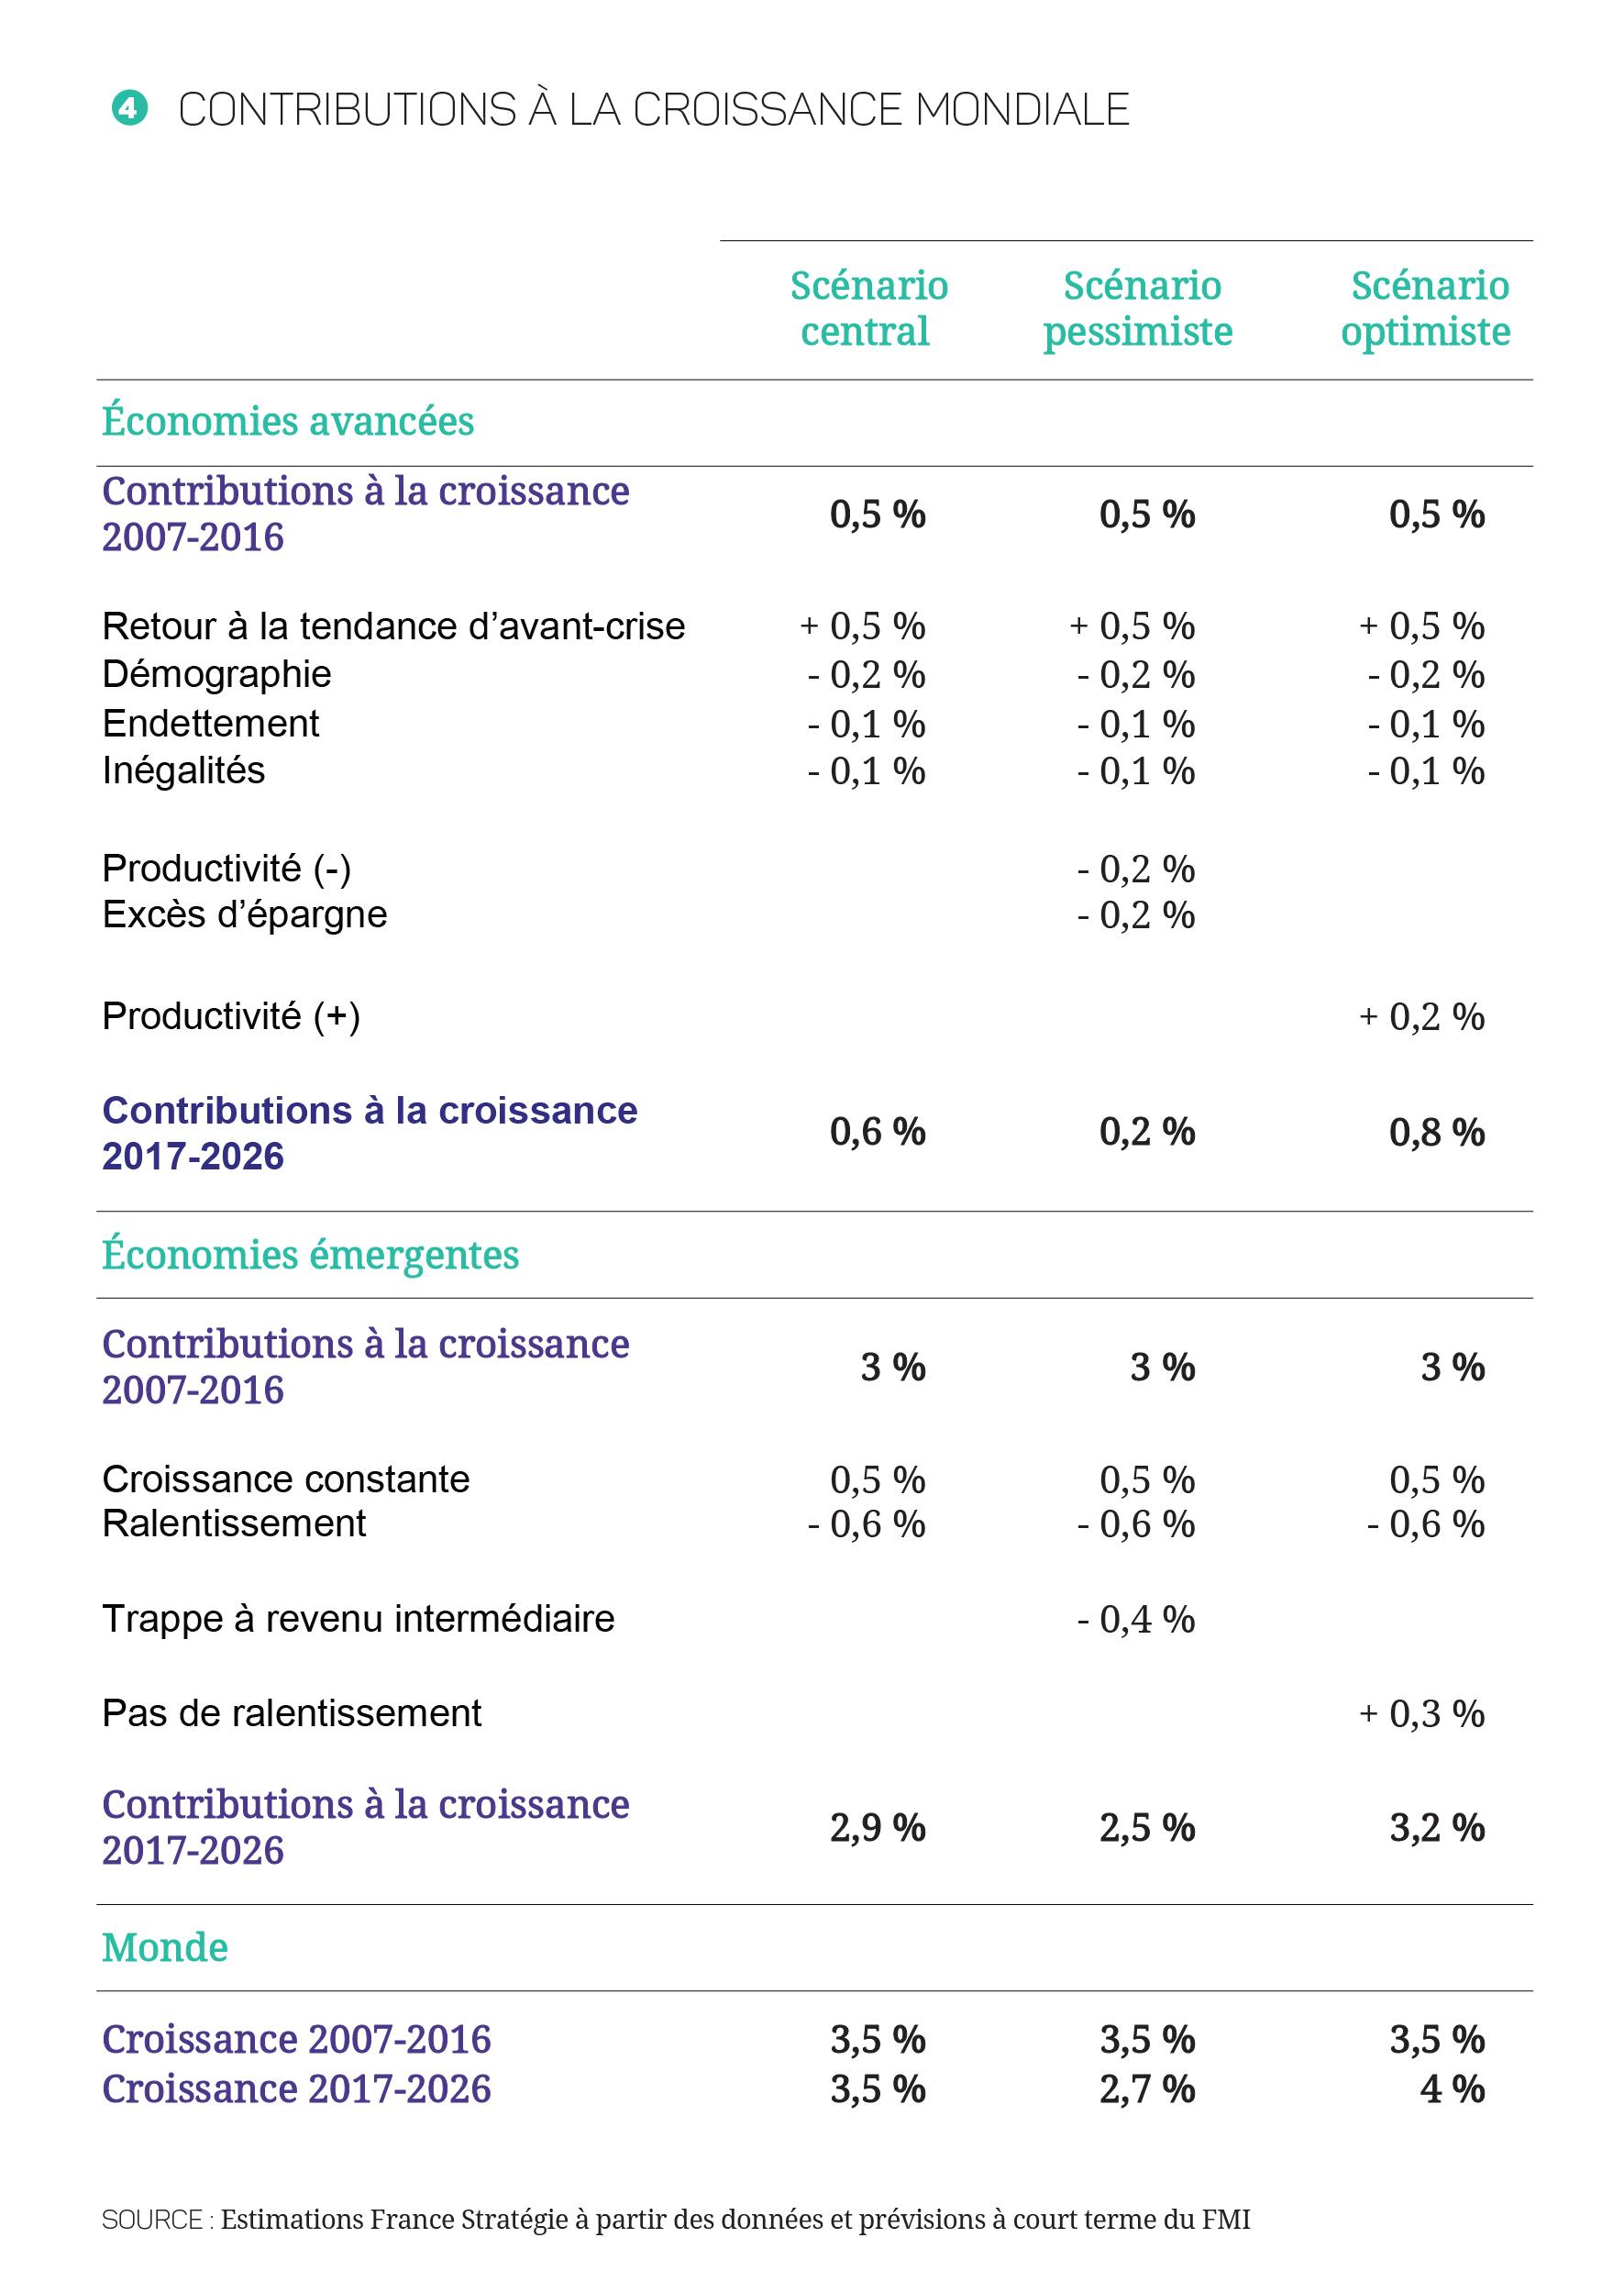 17-27-Croissance_mondiale---Annexe---Tableau_Plan-de-travail-4